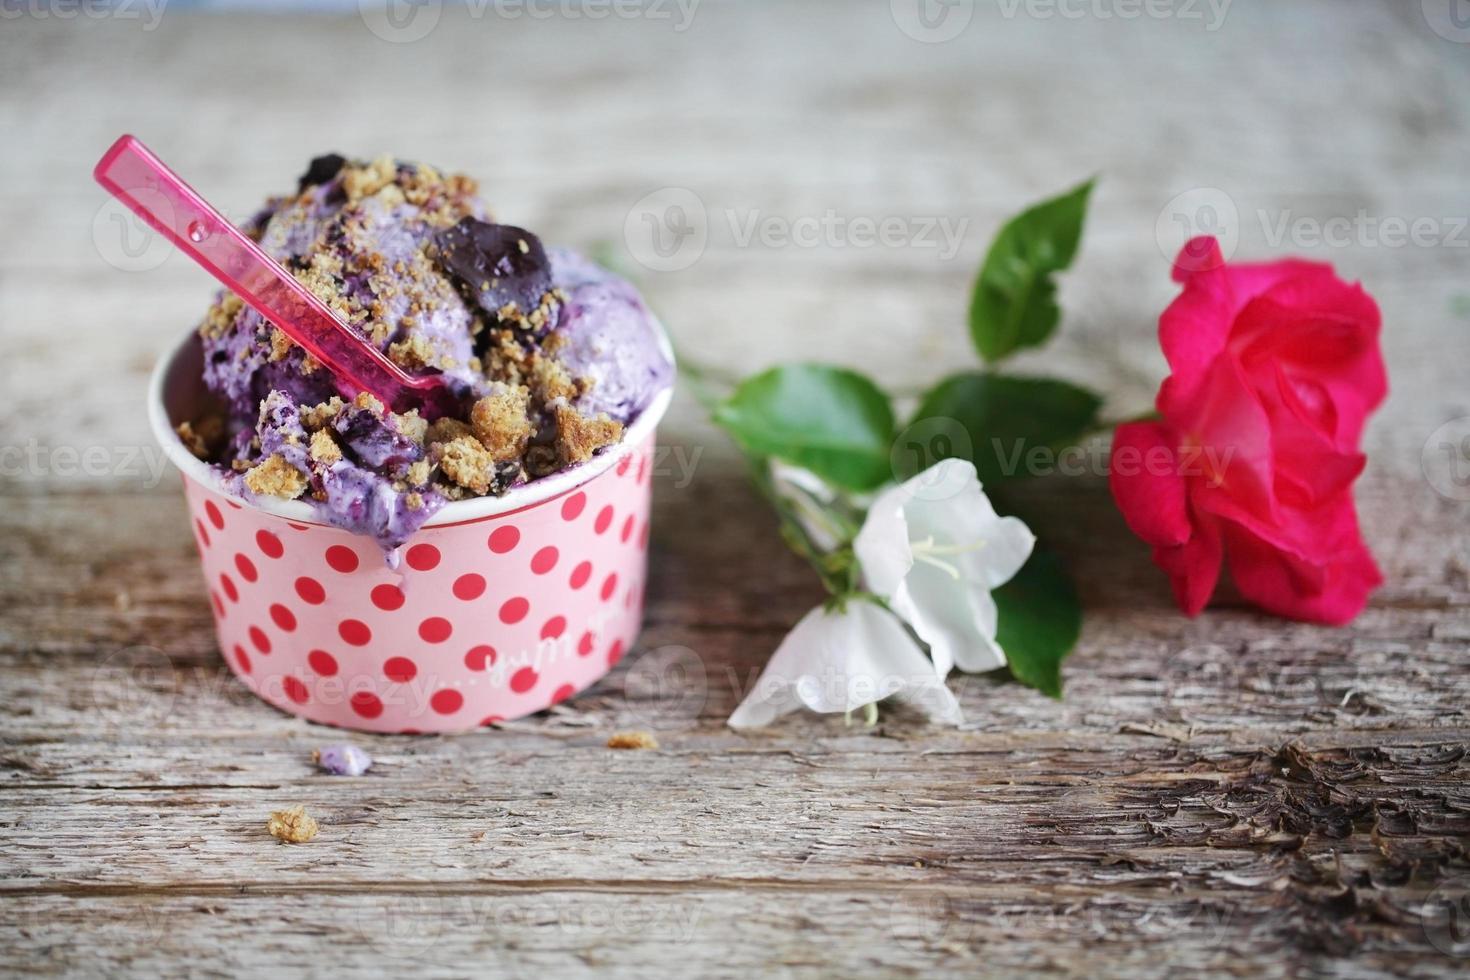 helado de arándanos con crumble de chocolate y galletas encima foto